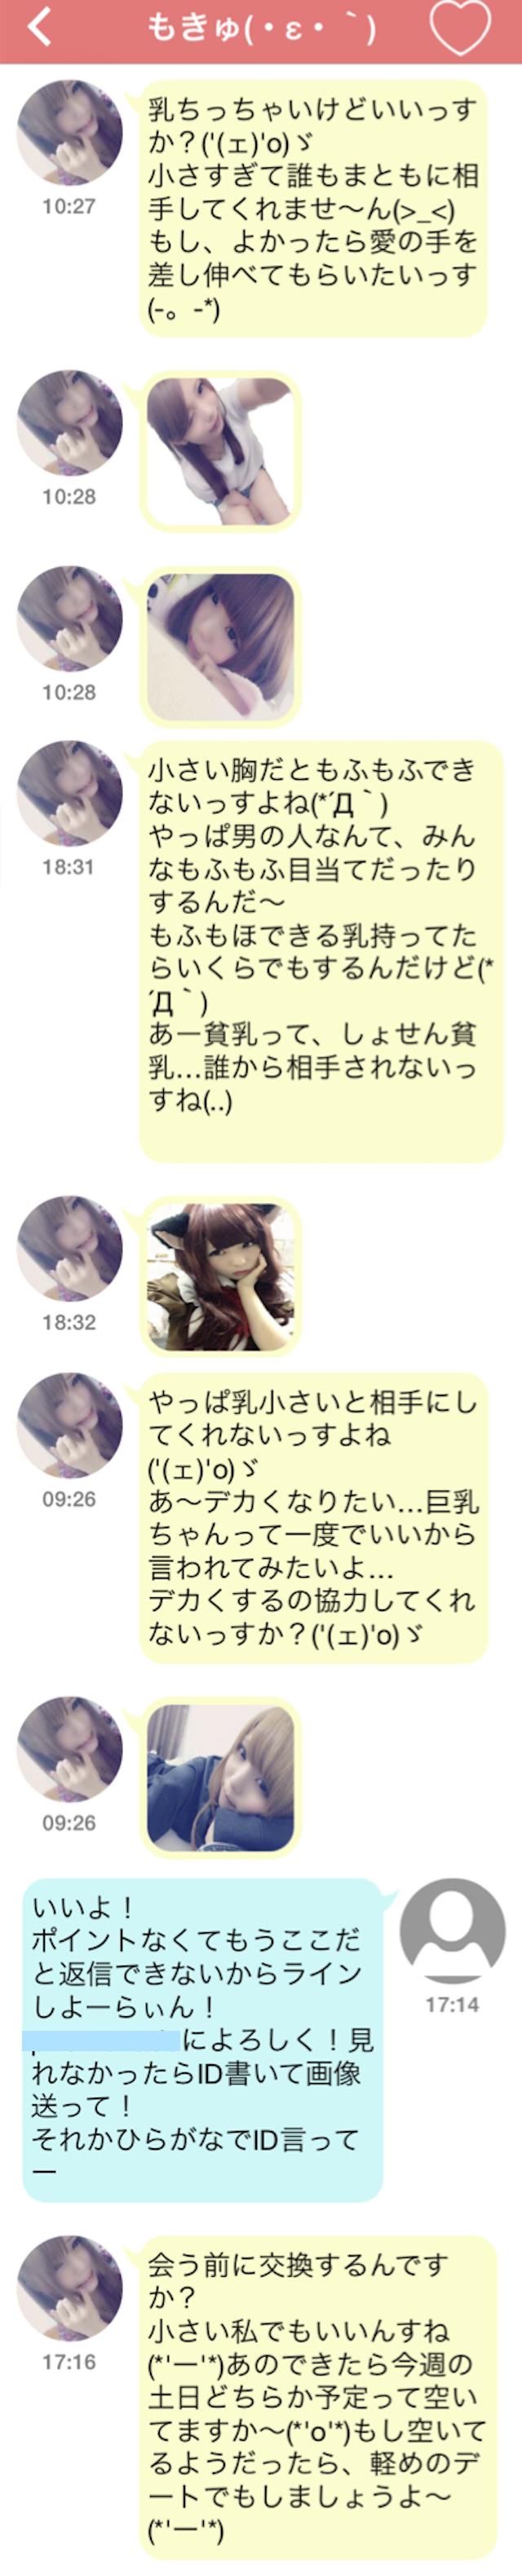 フレンドチャット_アプリ5